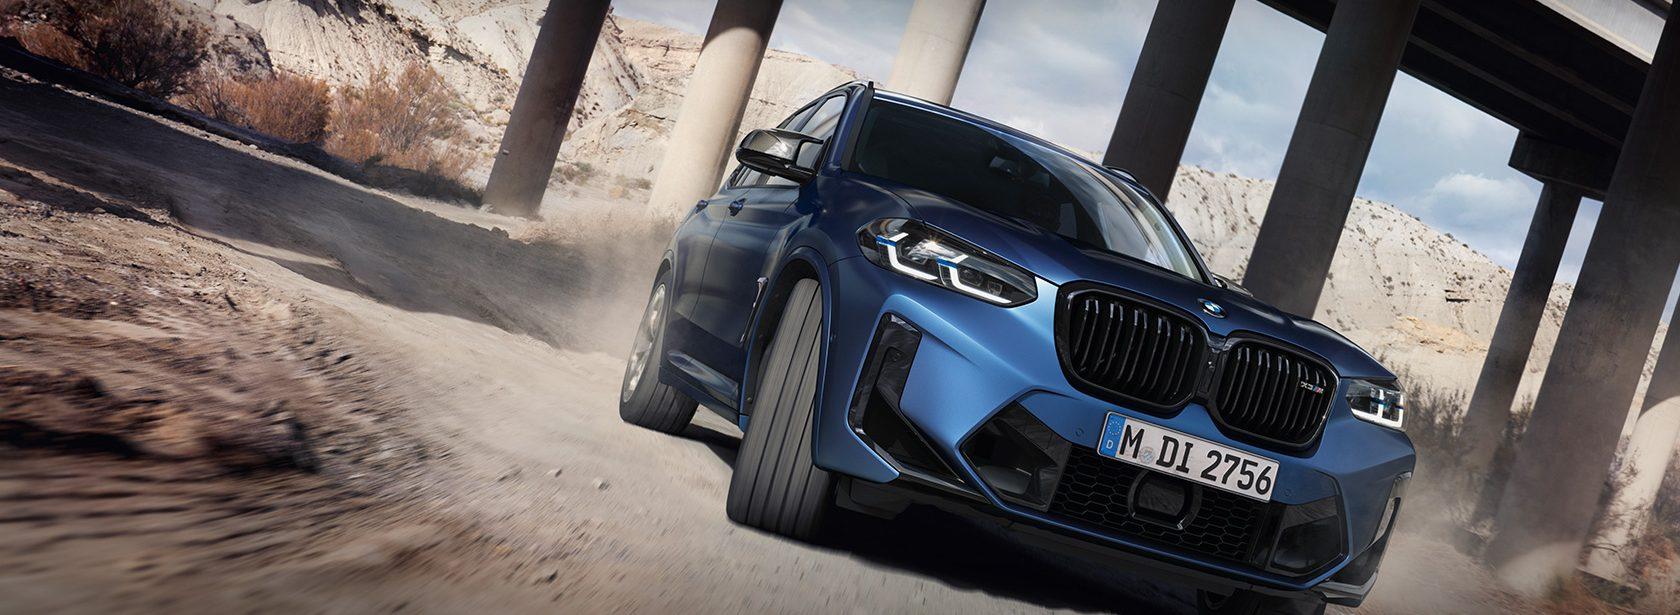 BMW X3 M Competition F97 LCI Facelift 2021 Frozen Marina Bay Blau metallic Dreiviertel-Frontansicht fahrend